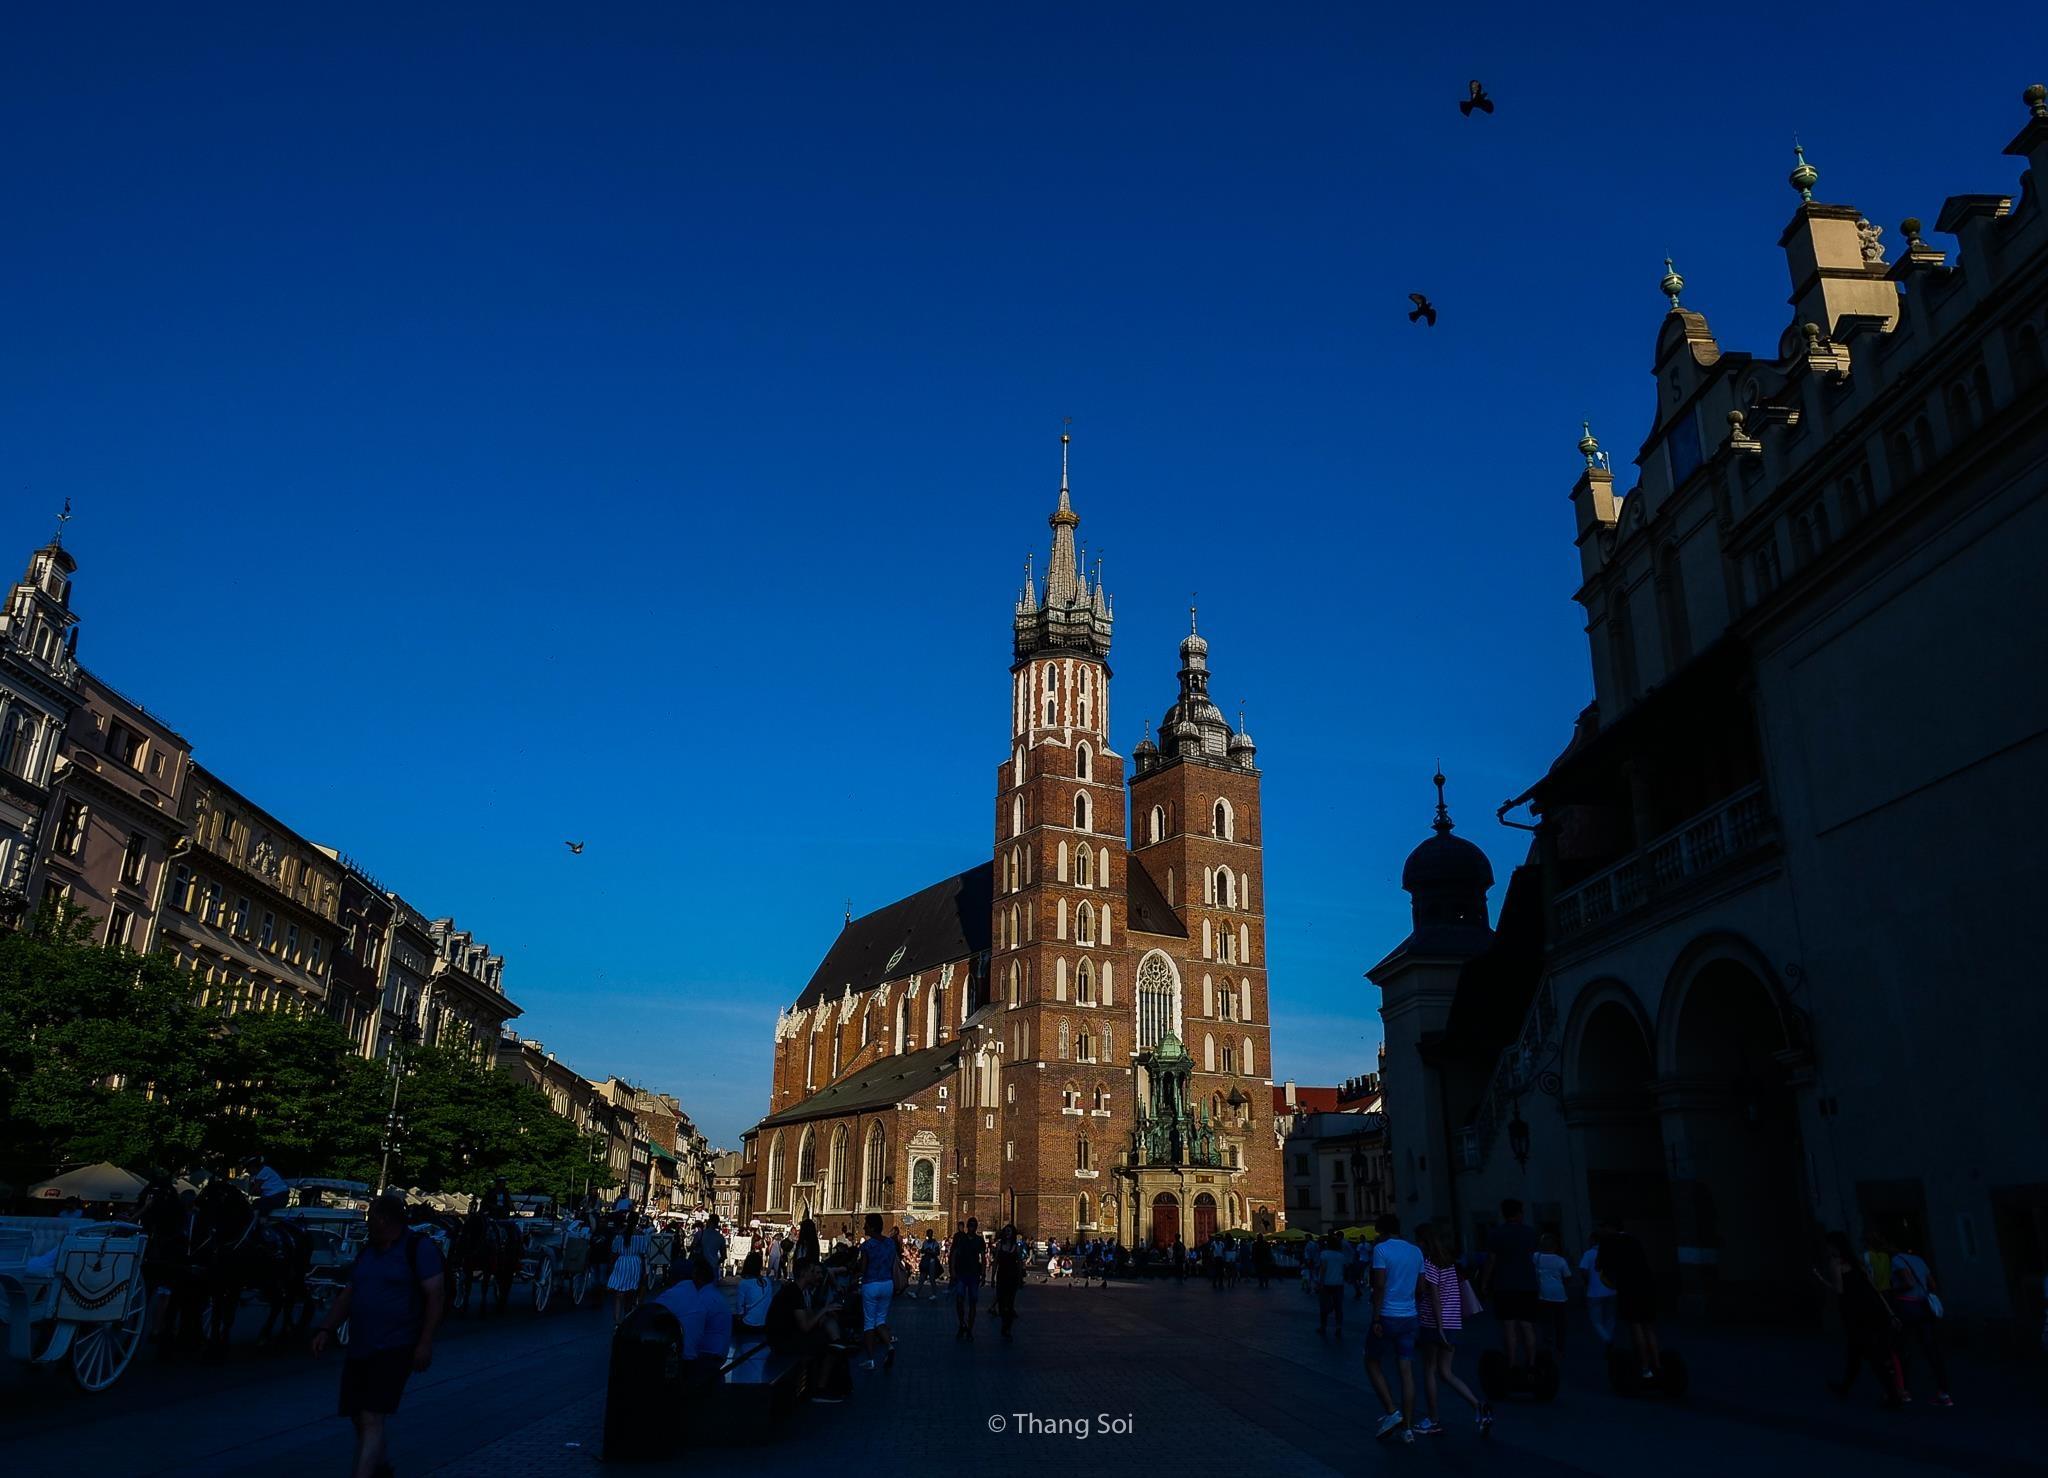 Krakow, kinh do co phai ghe tham khi den Ba Lan hinh anh 43